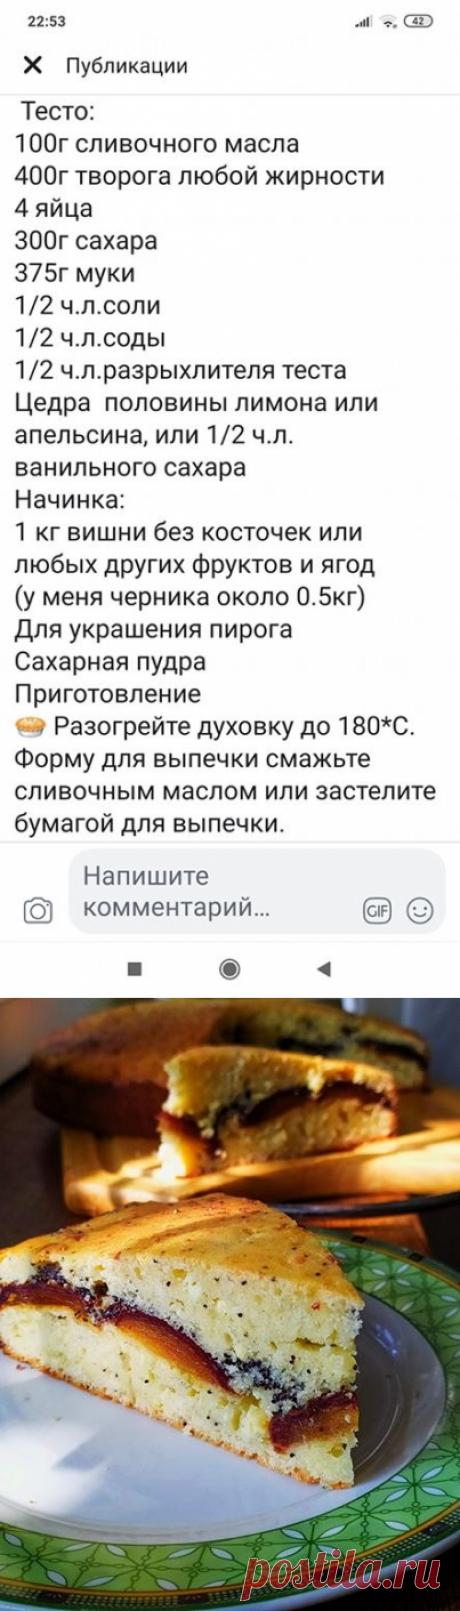 1 Пирог из творожного теста ГОТОВИМ БЕЗ ХНЫКОВ